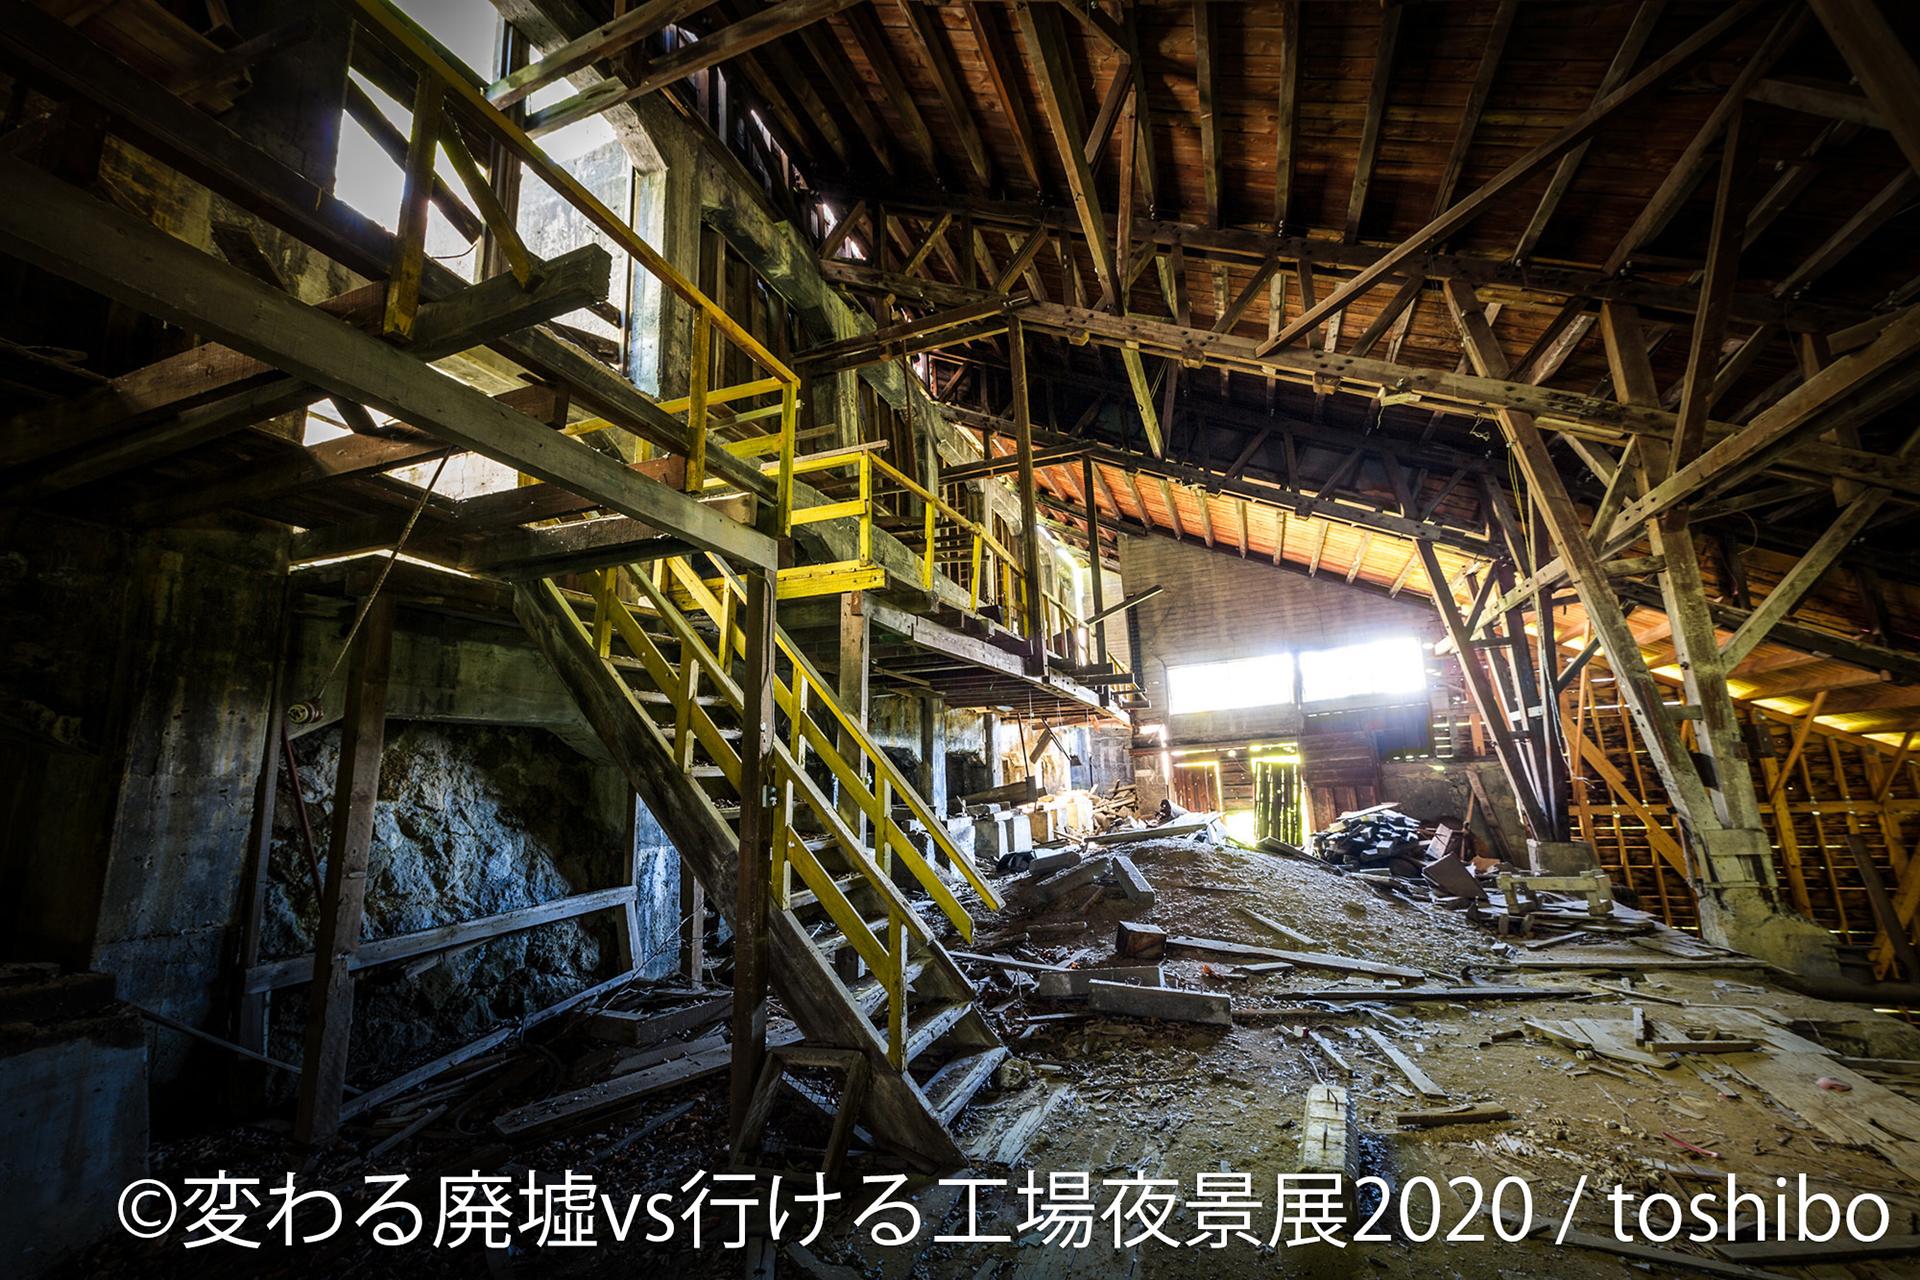 「変わる廃墟 VS 行ける工場夜景展」